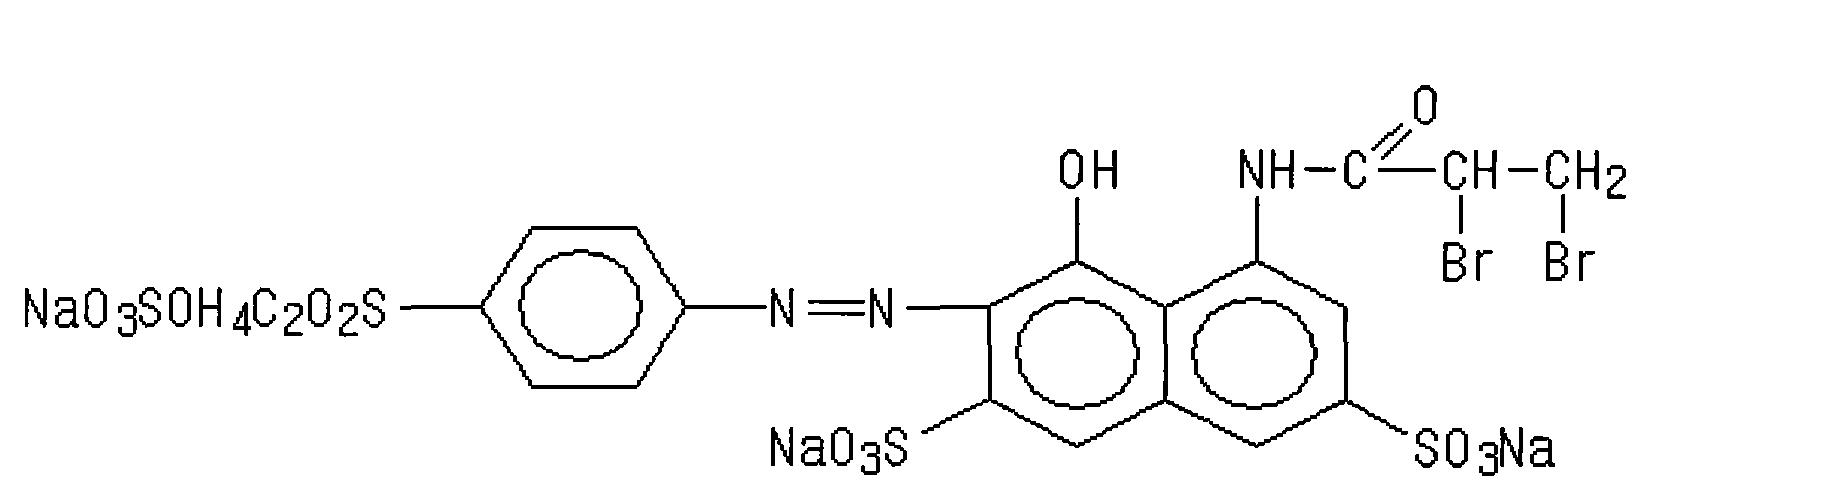 Figure CN101735652BD00071